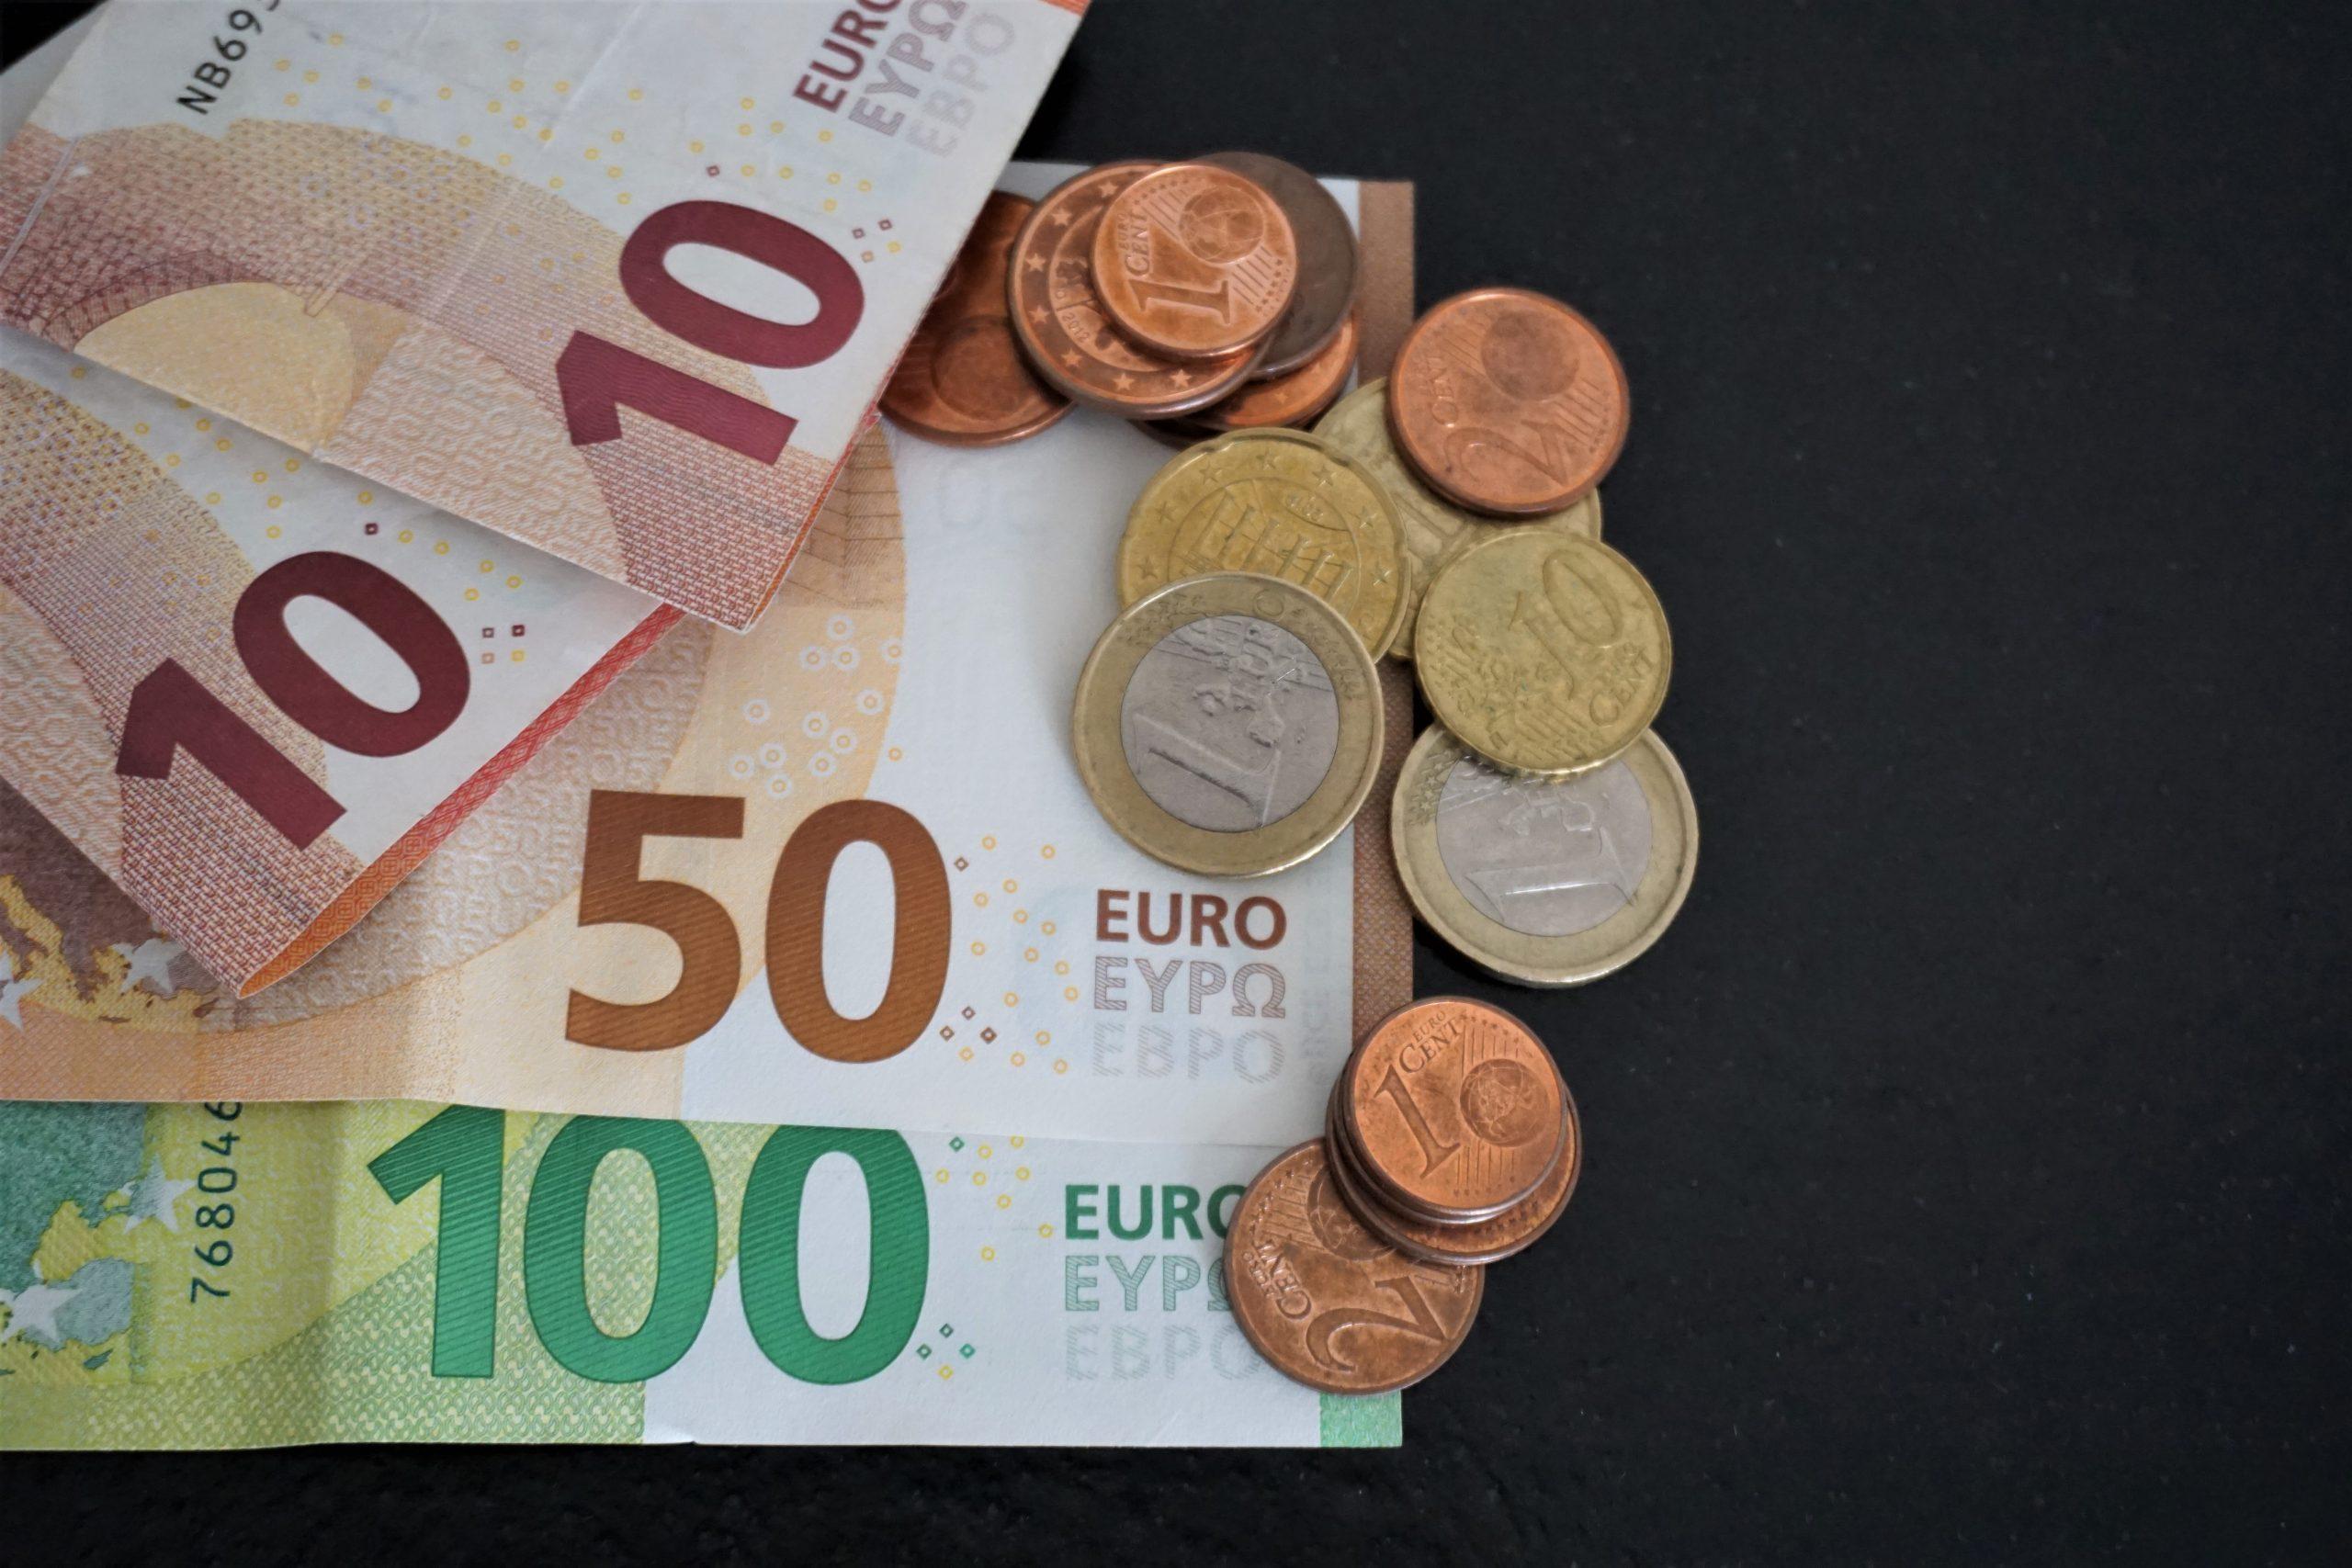 Bioökonomie-Fond mit Zielgröße 250 Millionen Euro aufgelegt